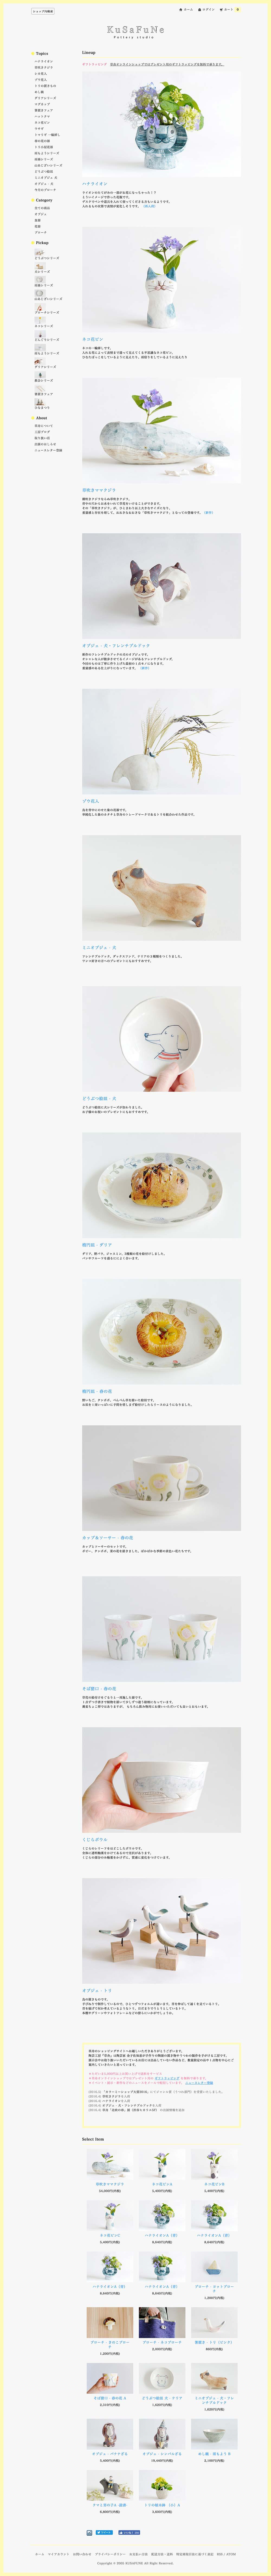 草舟オンラインショップ - Kusafune Online Shop